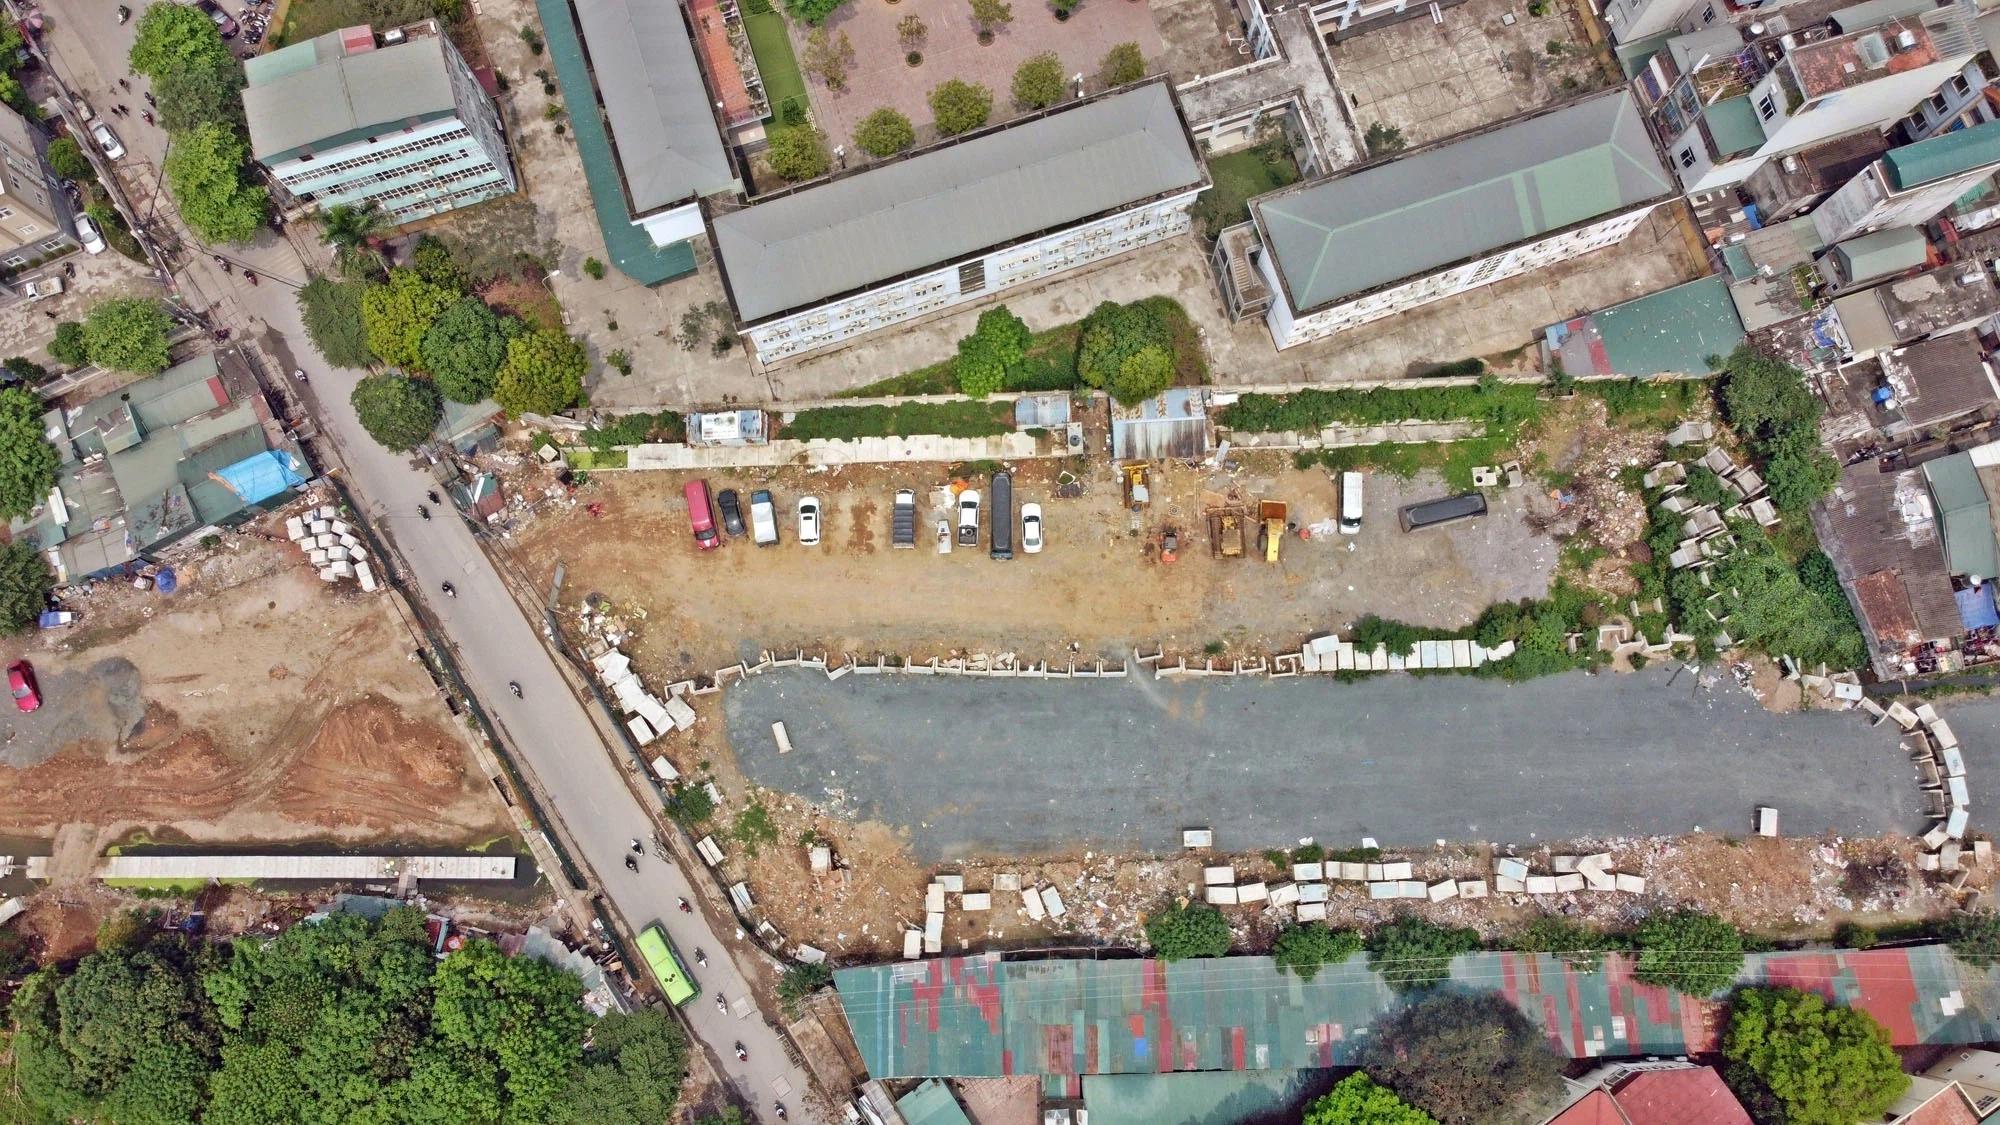 Toàn cảnh đường nối Lê Đức Thọ - Phạm Hùng đang mở theo quy hoạch ở Hà Nội - Ảnh 9.